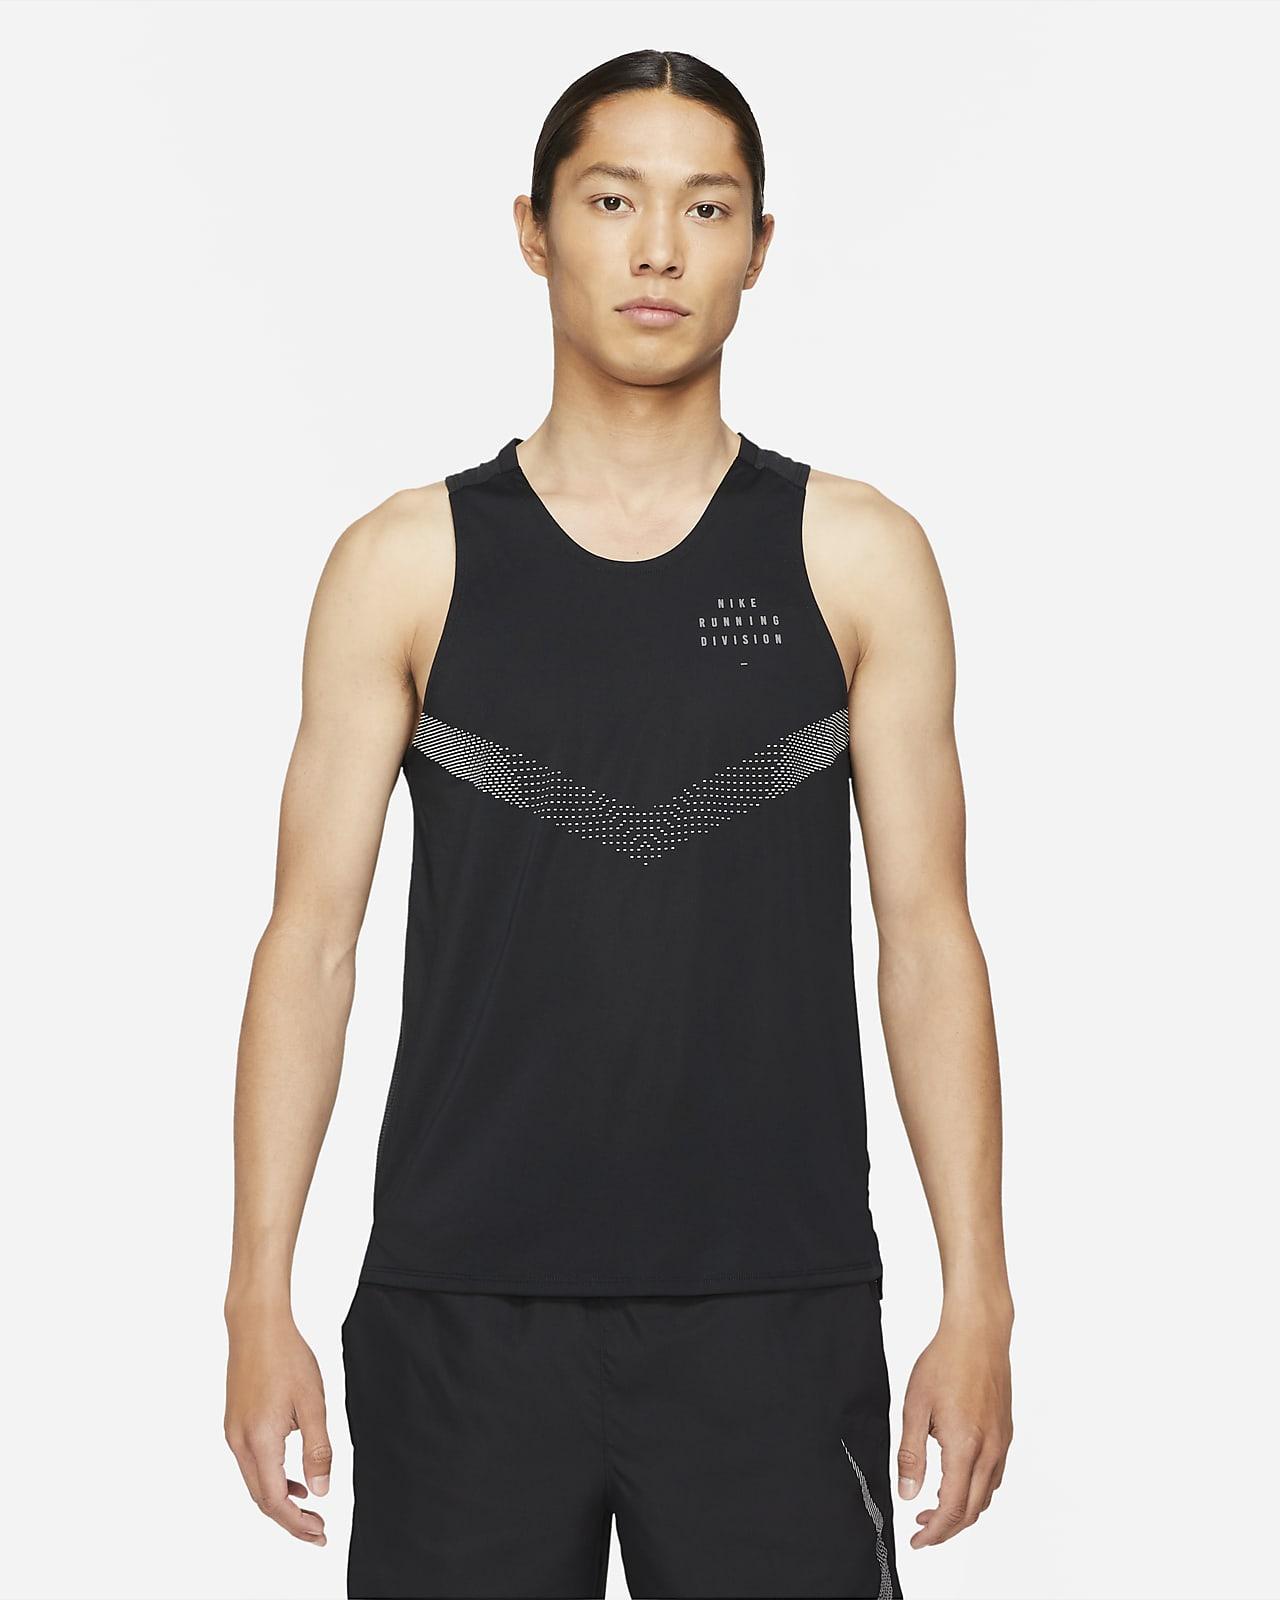 เสื้อกล้ามวิ่งผู้ชาย Nike Dri-FIT Rise 365 Run Division